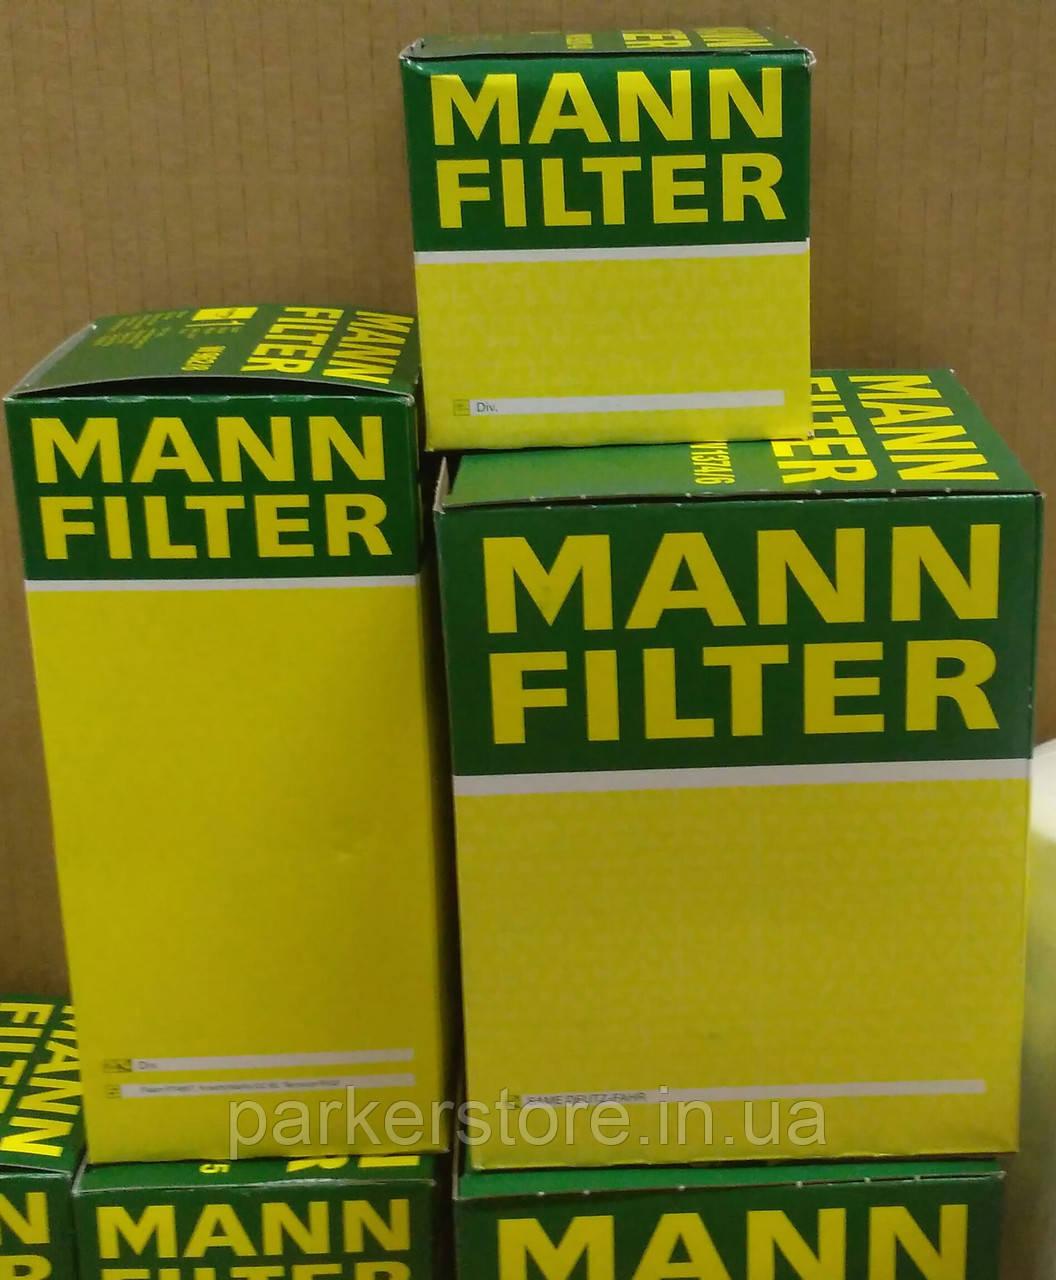 MANN FILTER / Воздушный фильтр / C 34 104 / C34104